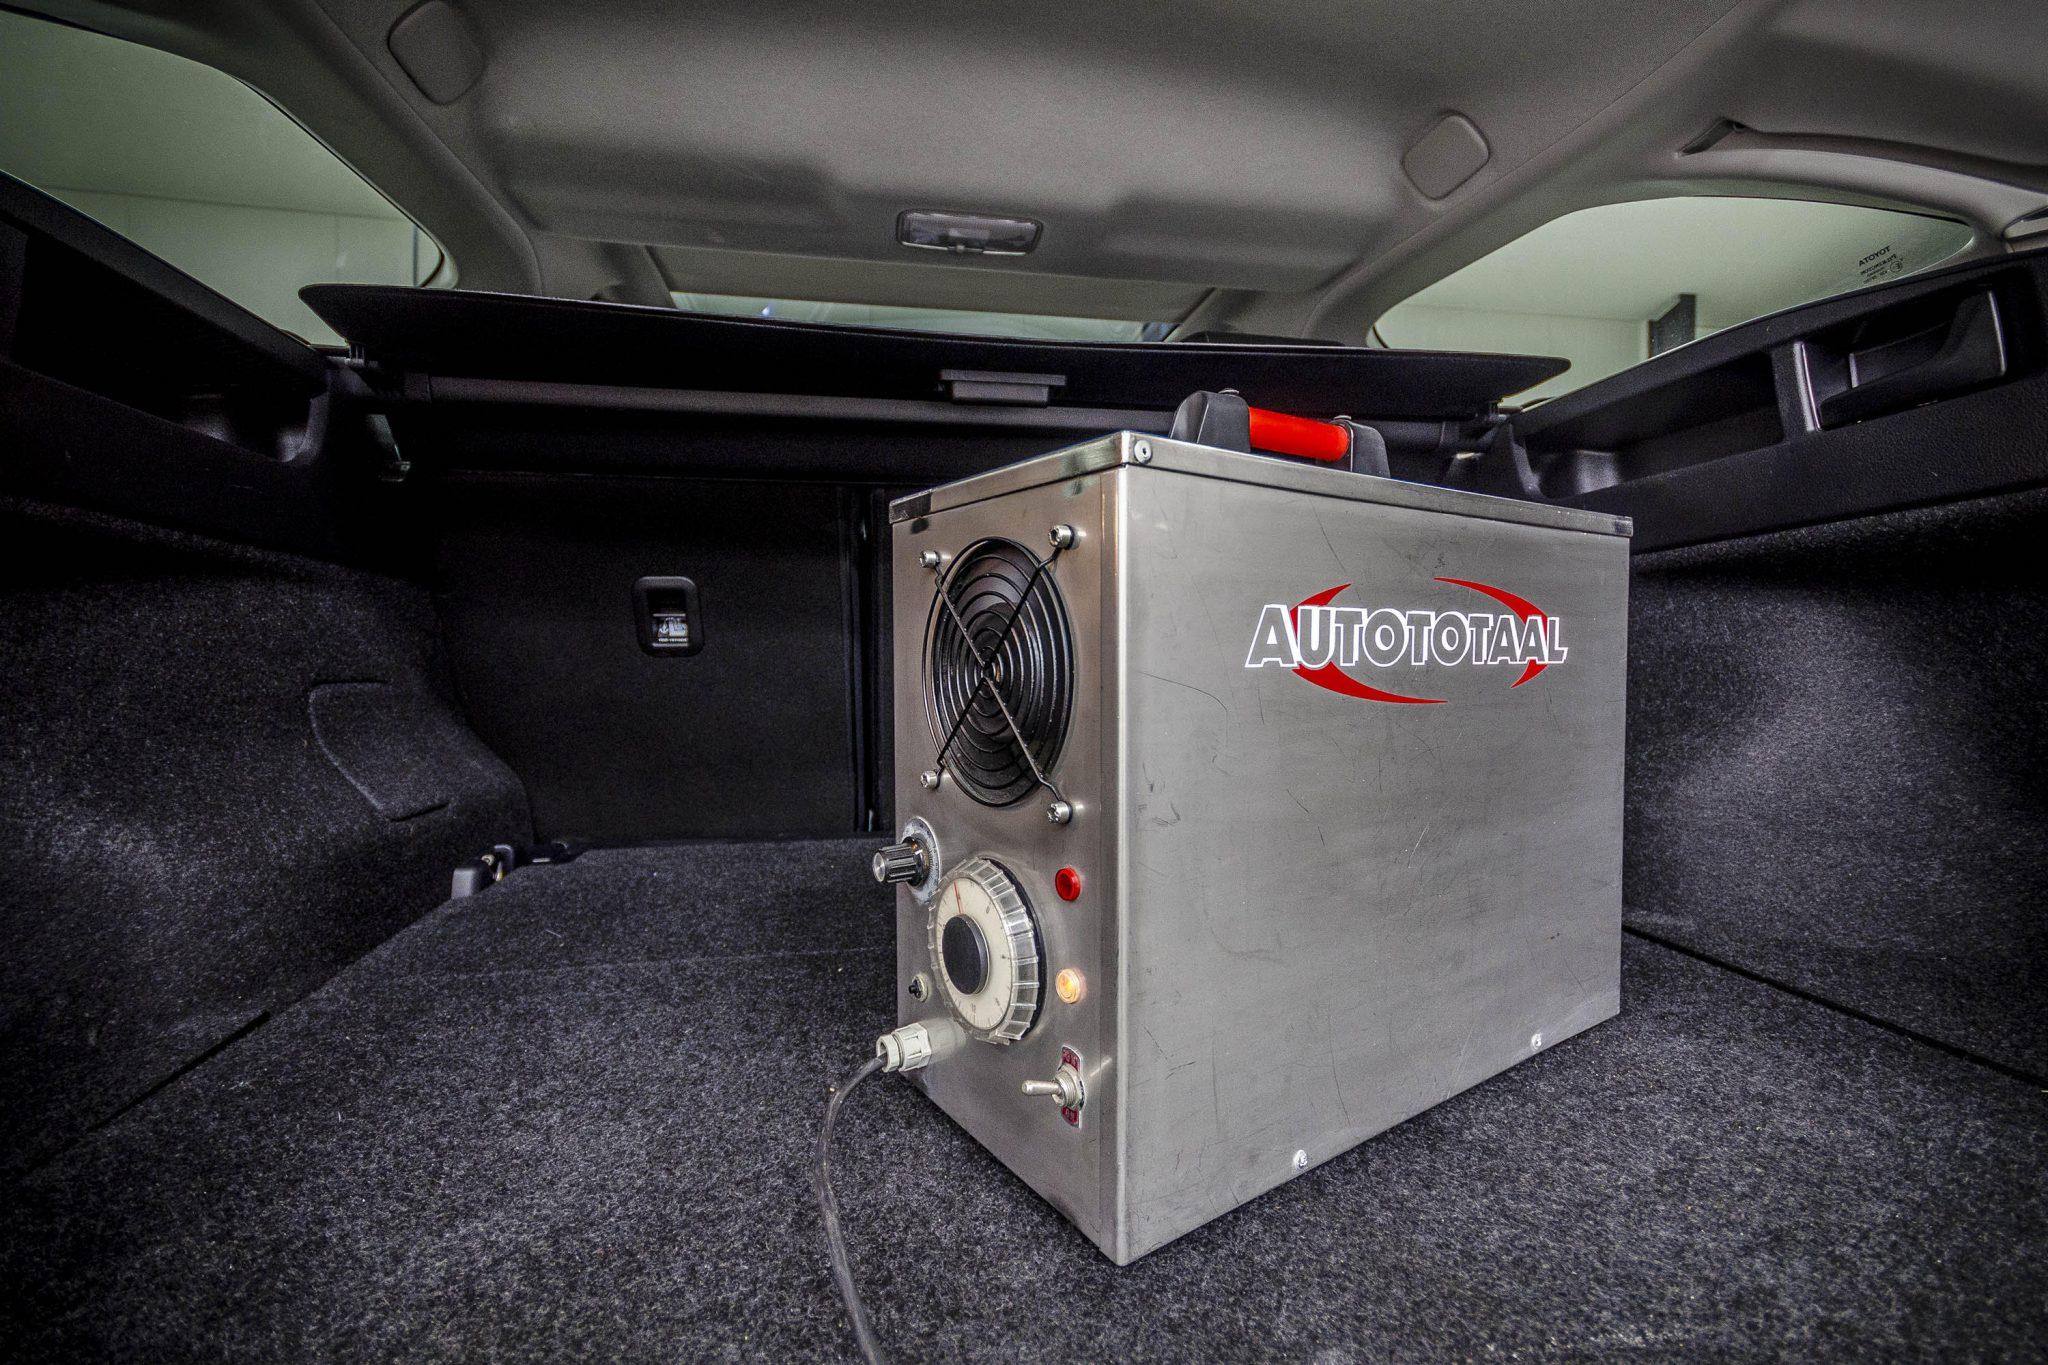 AutoTotaal | Auto poetsen, schadeherstel & meer!